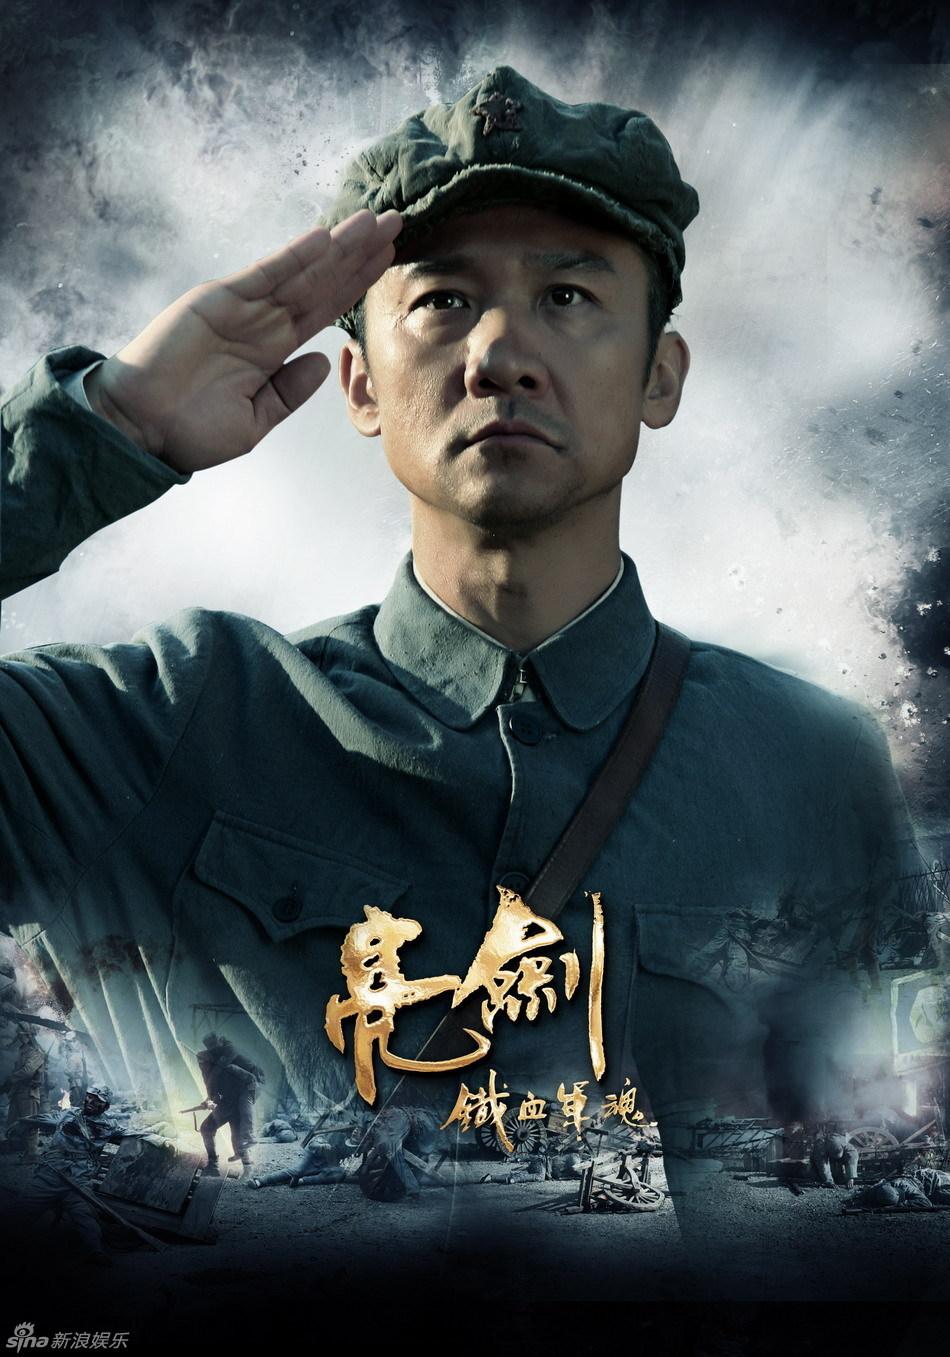 高清图:《新亮剑》再曝人物海报 猛将叱咤风云_高清